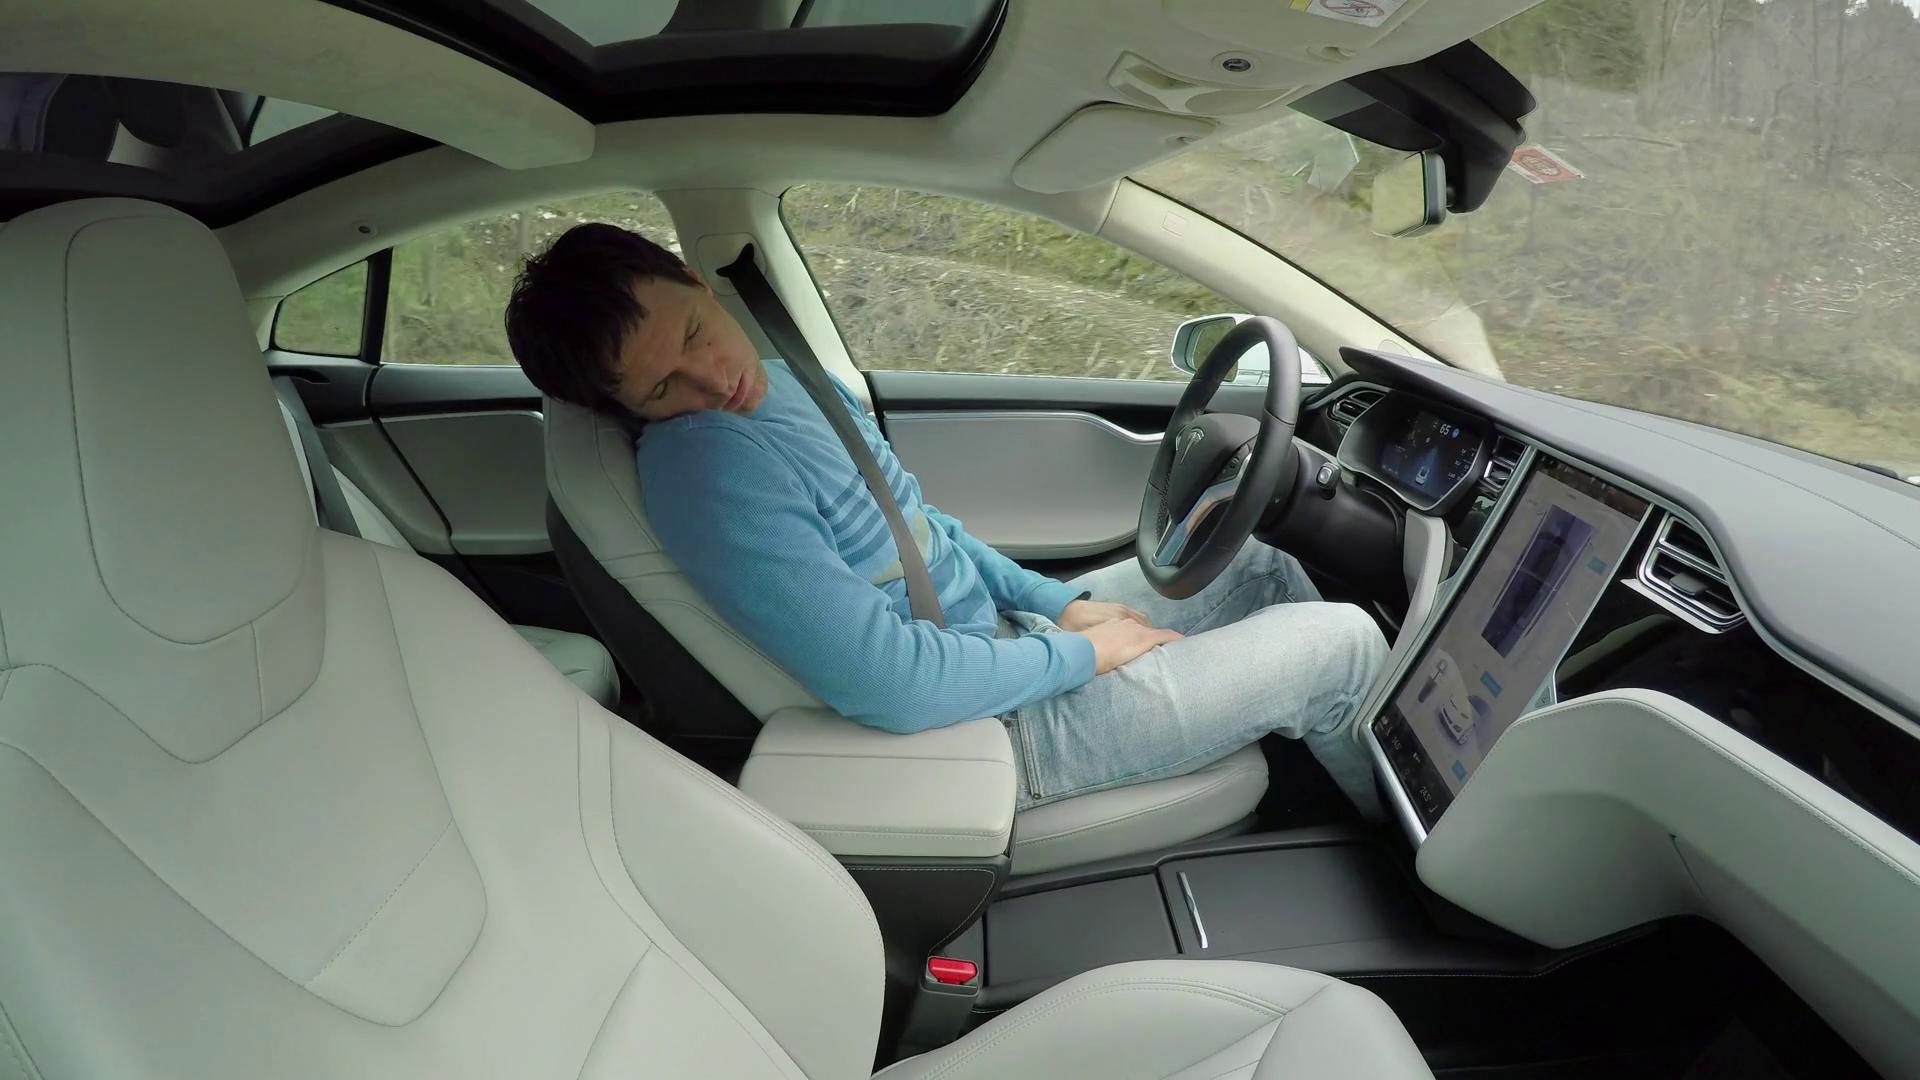 Policajti dlhé minúty naháňali spiaceho vodiča s autopilotom